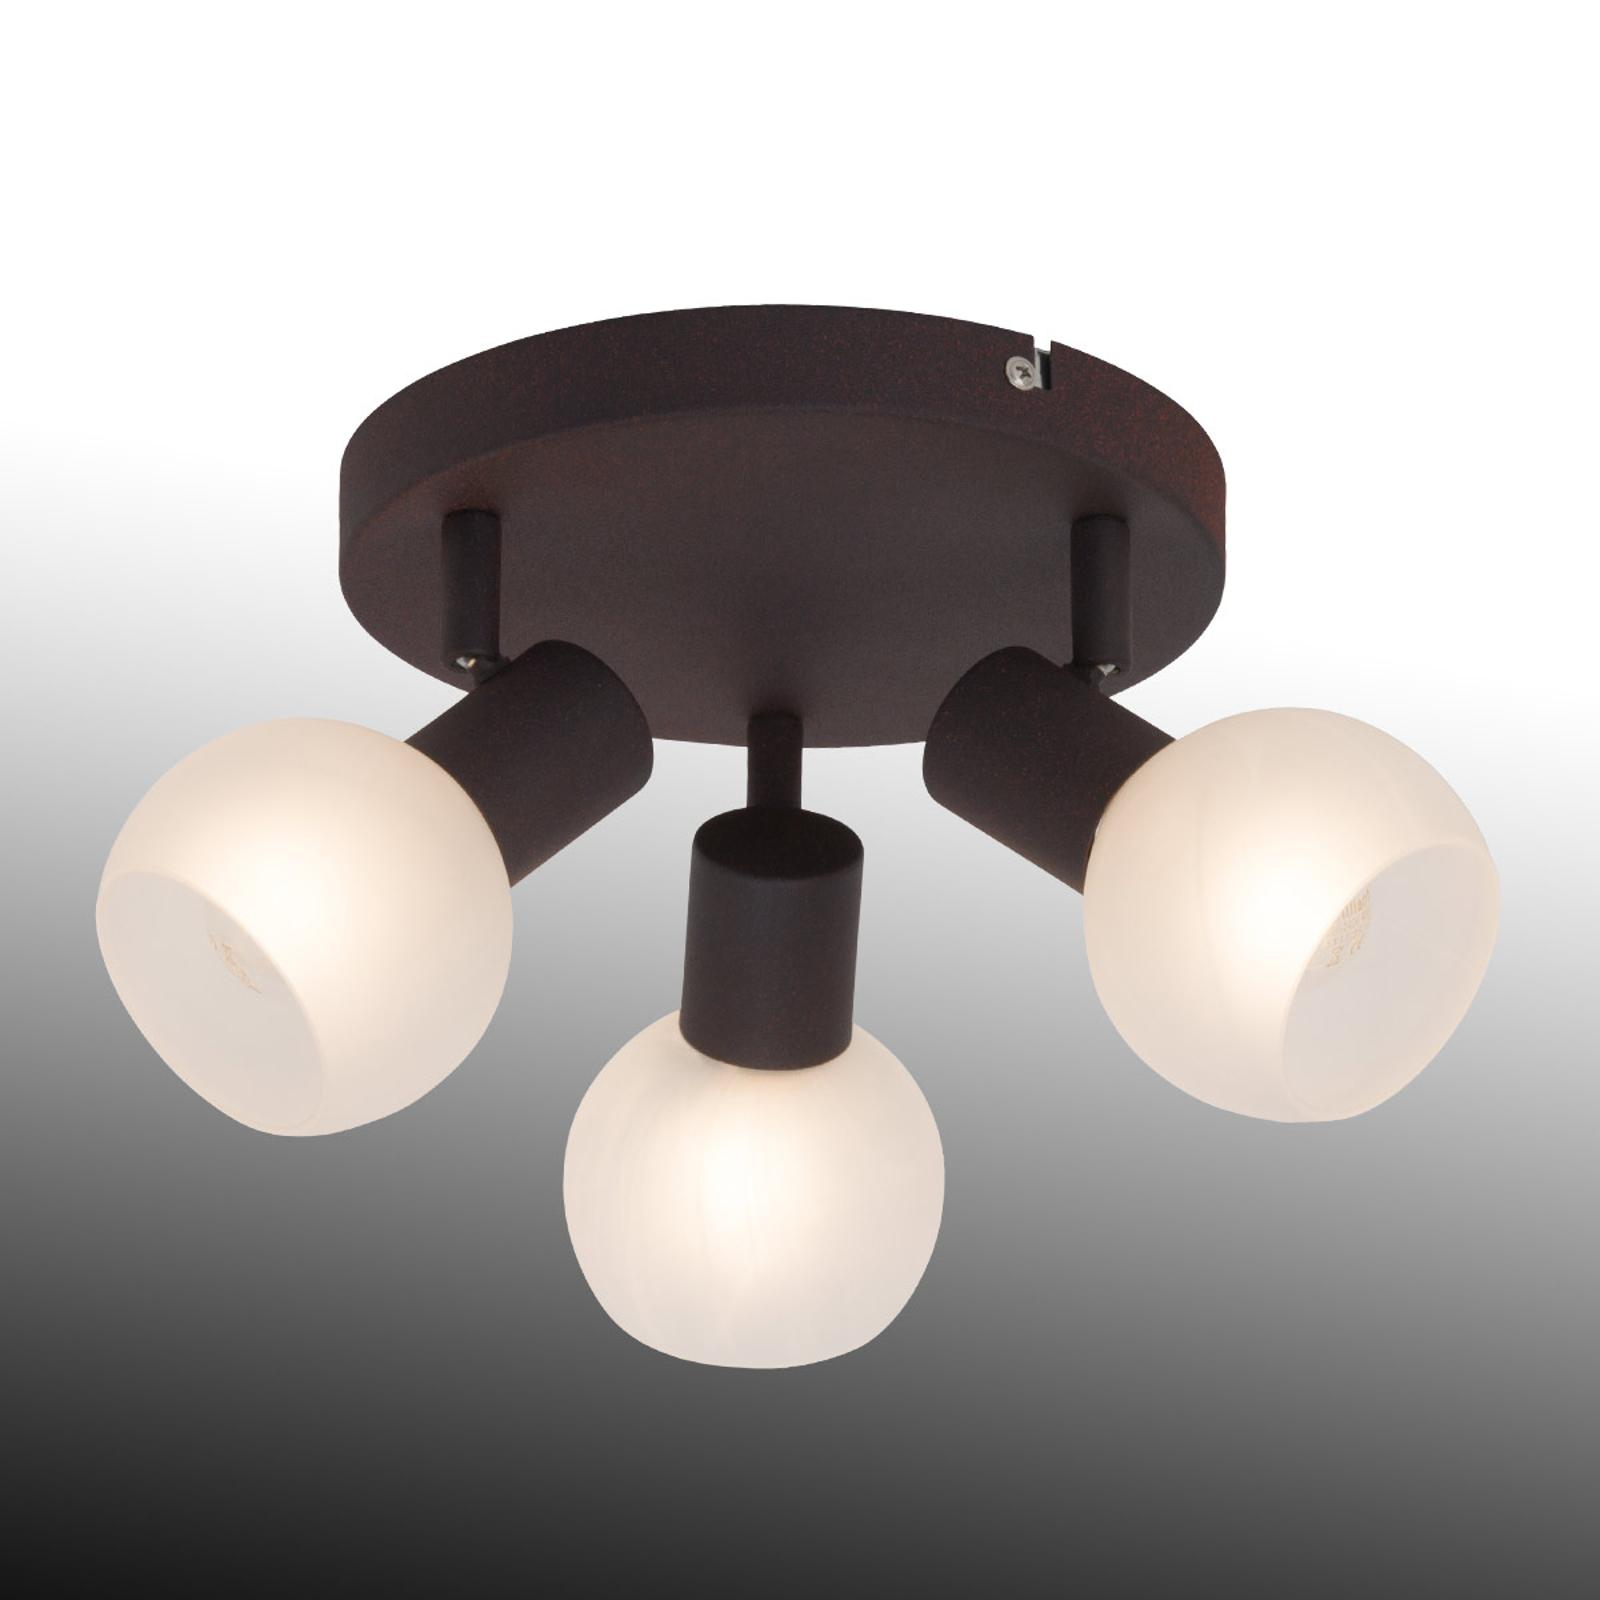 Riflettore da soffitto circolare Gabon a 3 luci